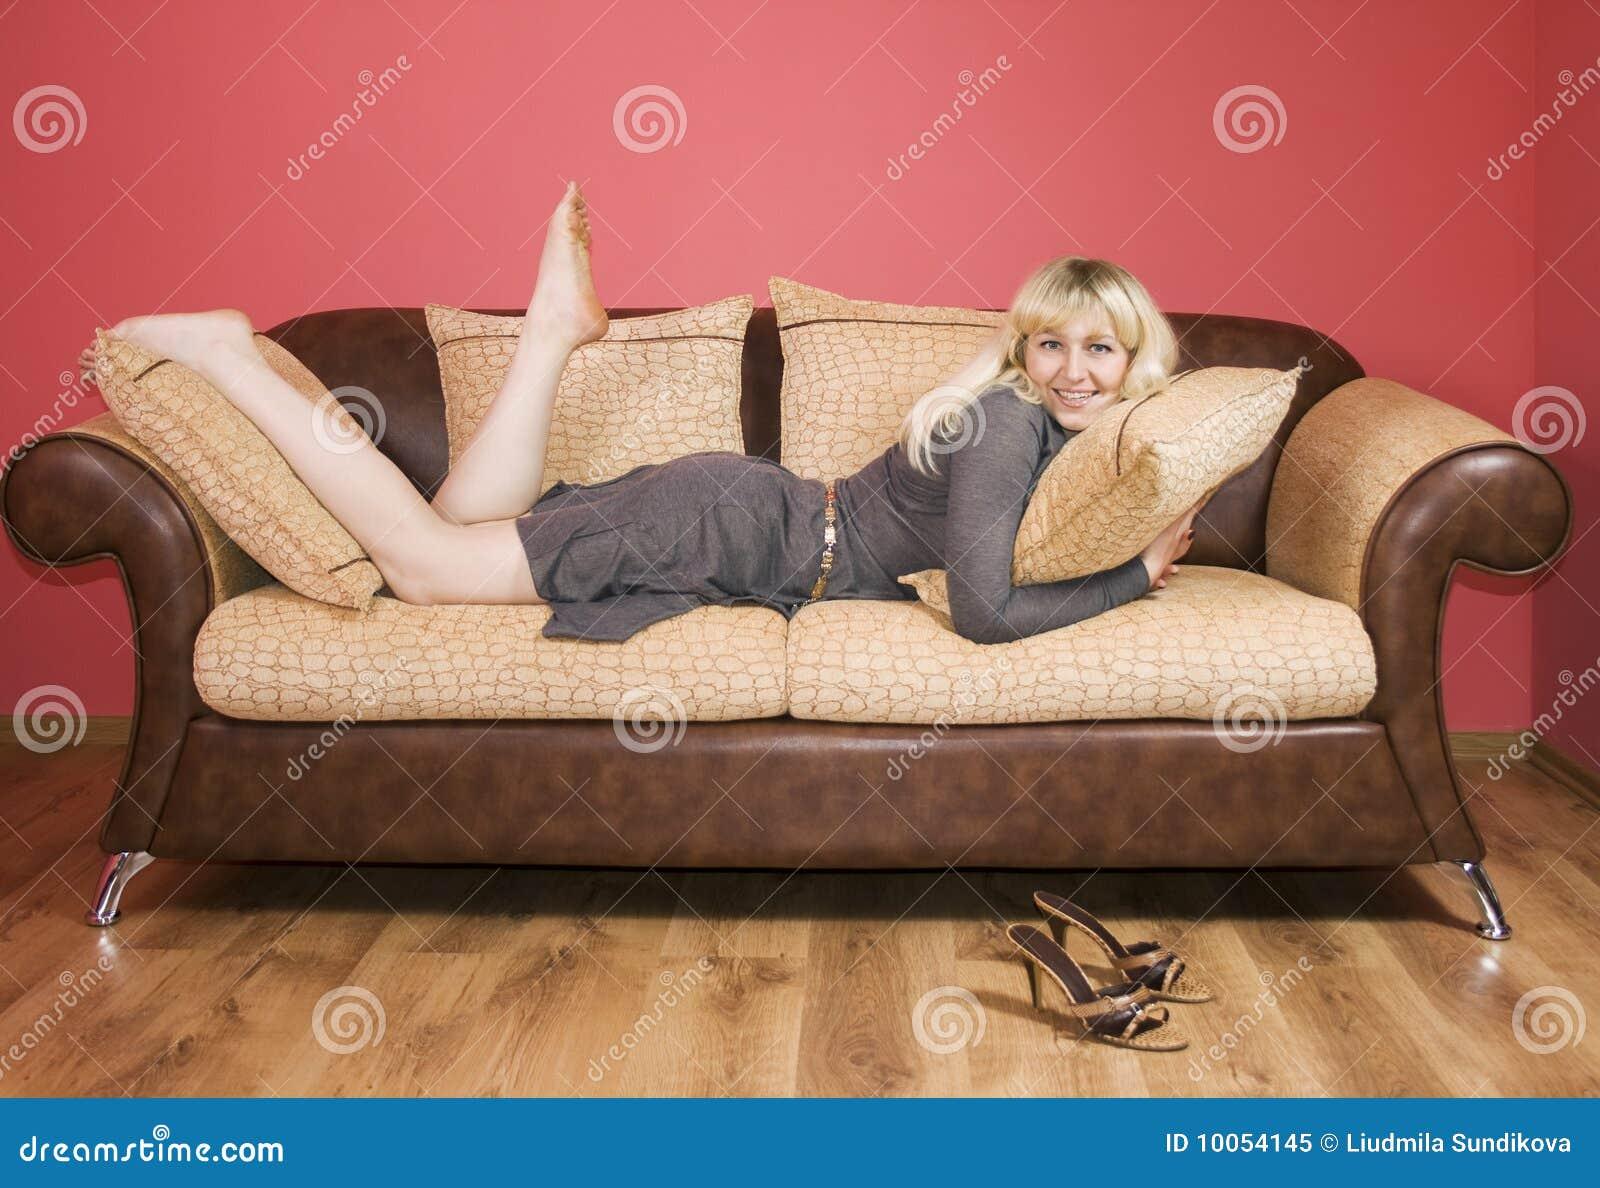 junge frau auf einem sofa stockbild bild von zauber 10054145. Black Bedroom Furniture Sets. Home Design Ideas